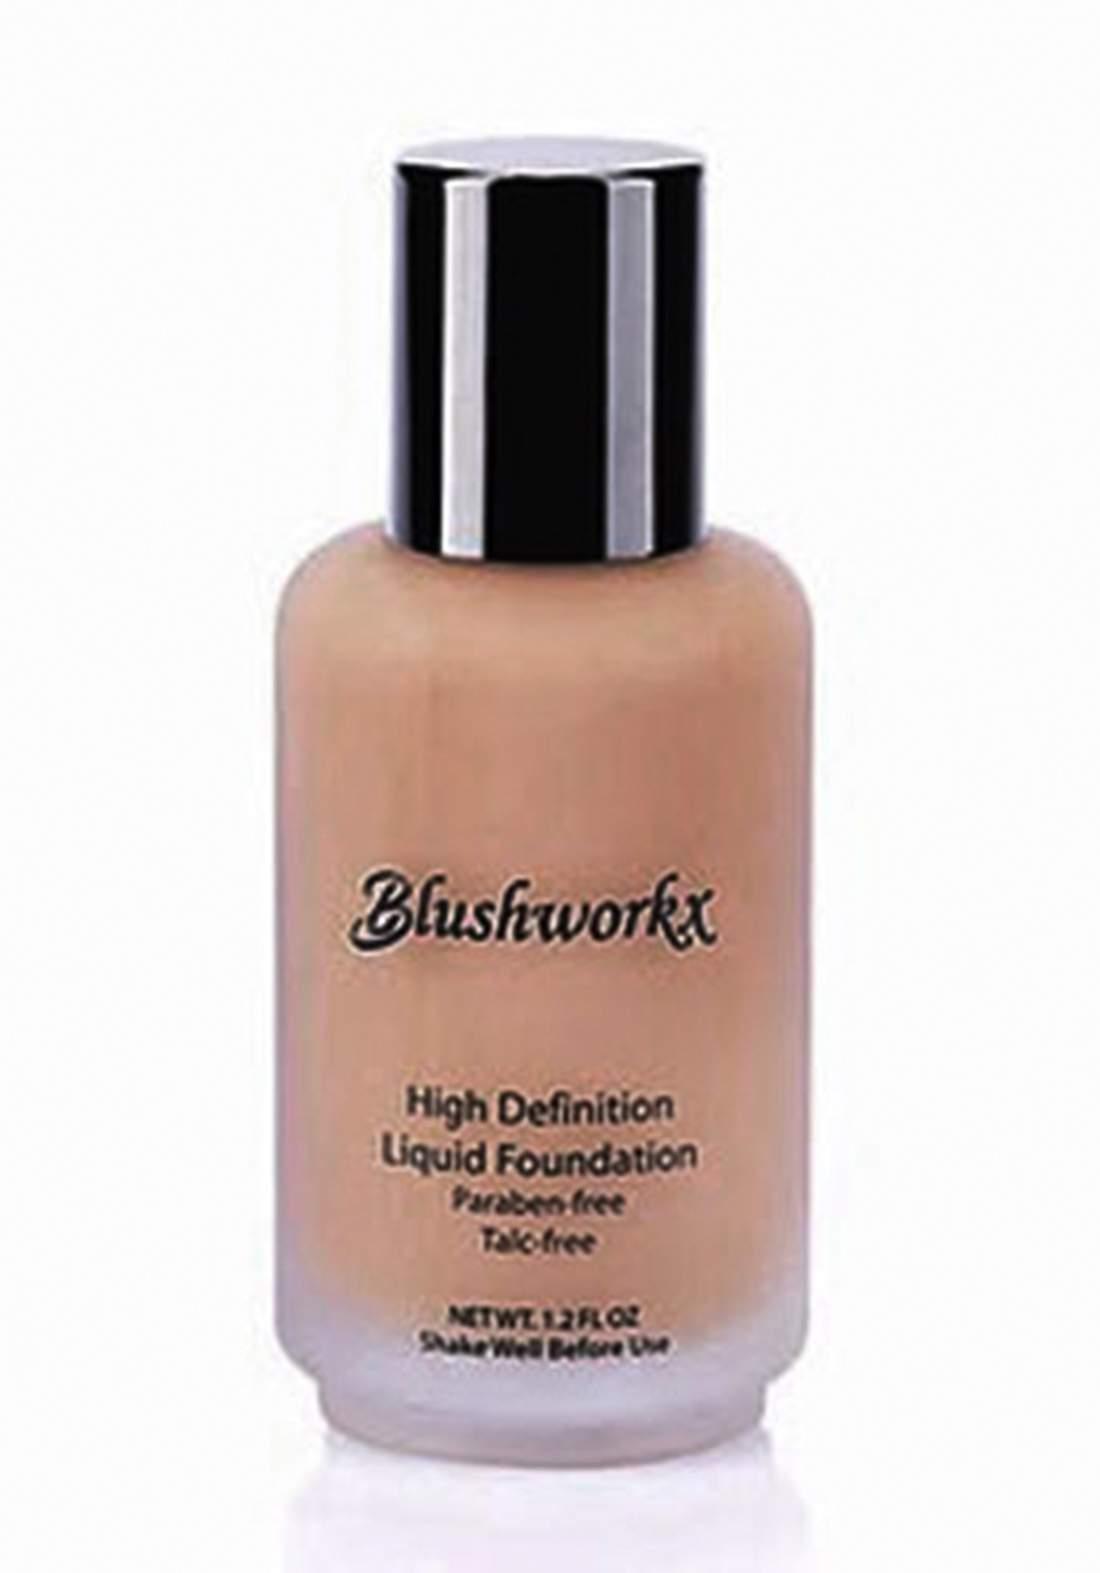 Blushworkx Hollywood High Definition Liquid Foundation 35ml Medium كريم اساس